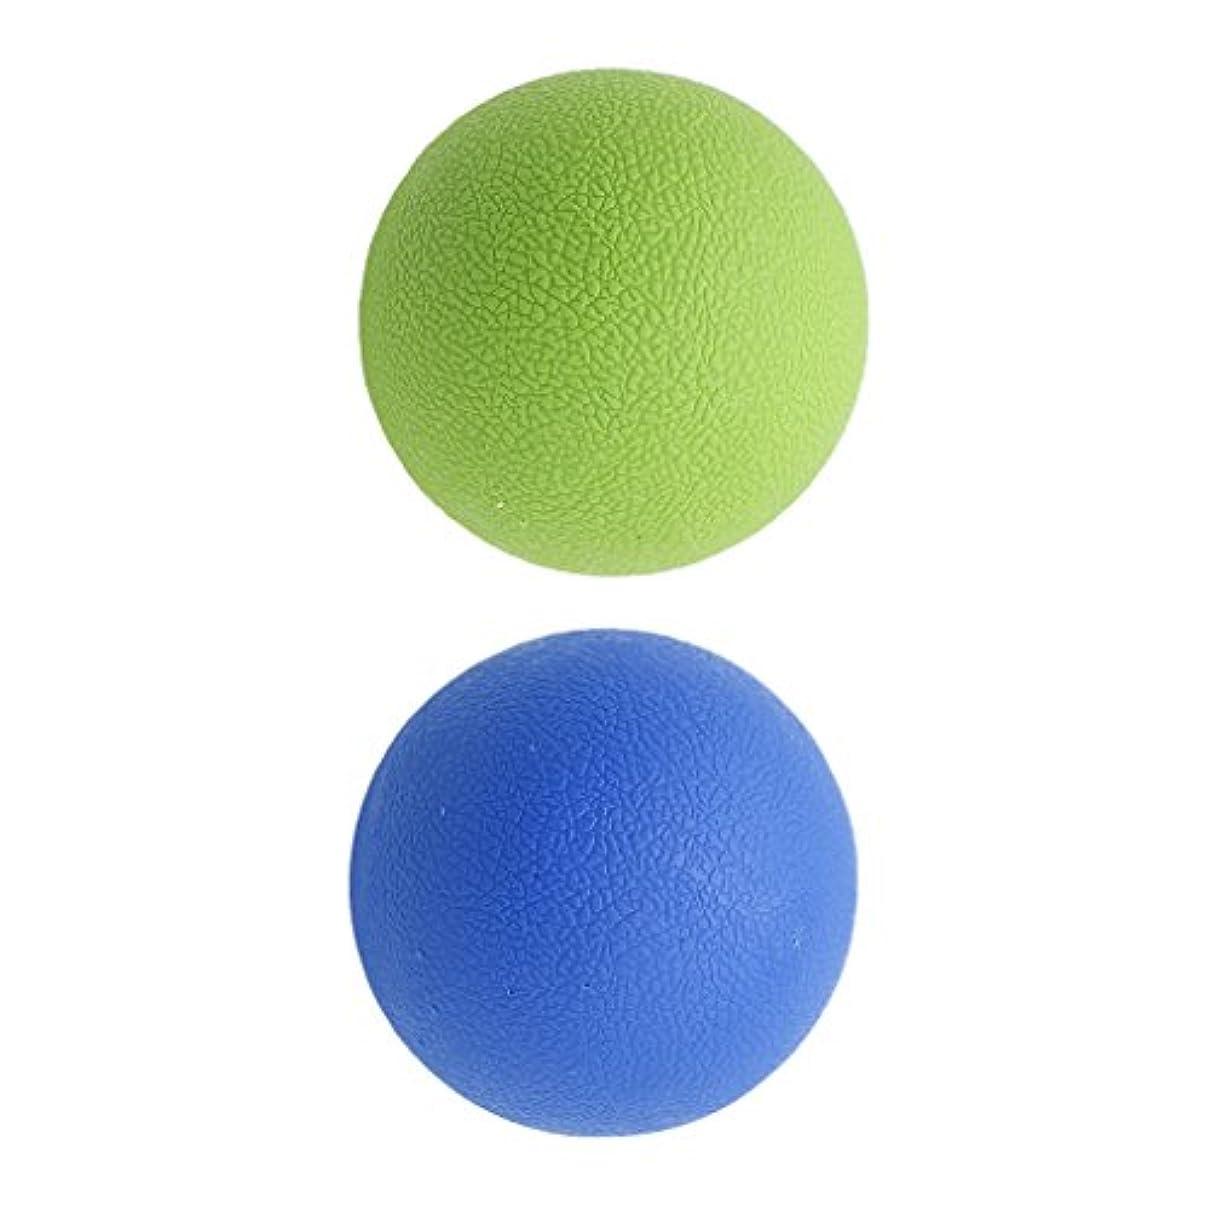 余計な触覚そしてKesoto 2個 マッサージボール ラクロスボール 背部 トリガ ポイント マッサージ 多色選べる - ブルーグリーン